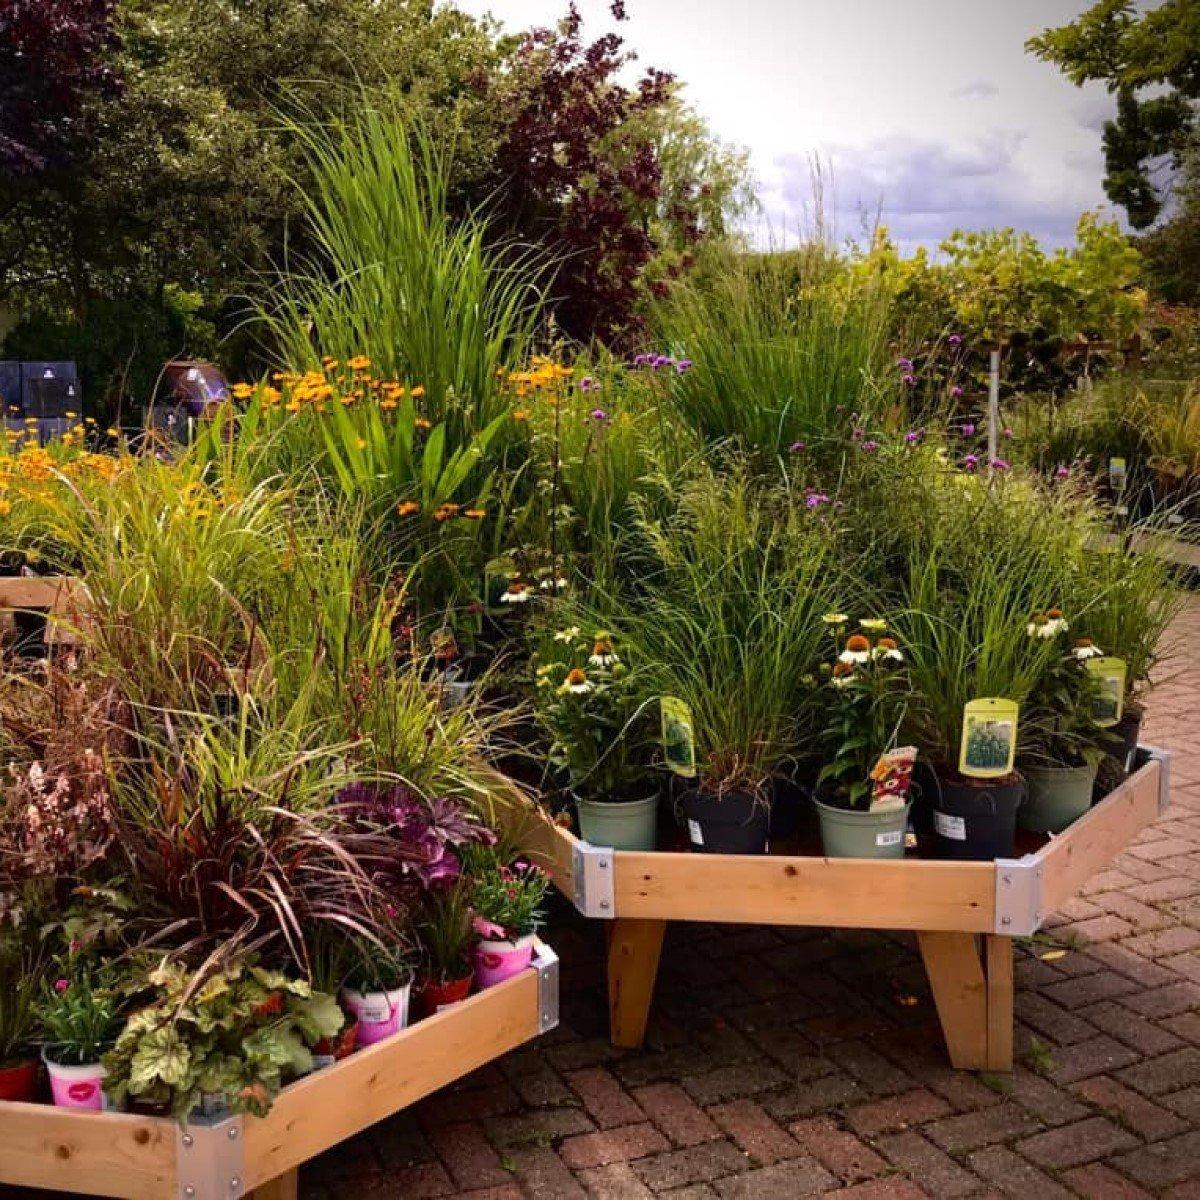 Garden centres to visit in Oxfordshire - Charlbury Garden Centre